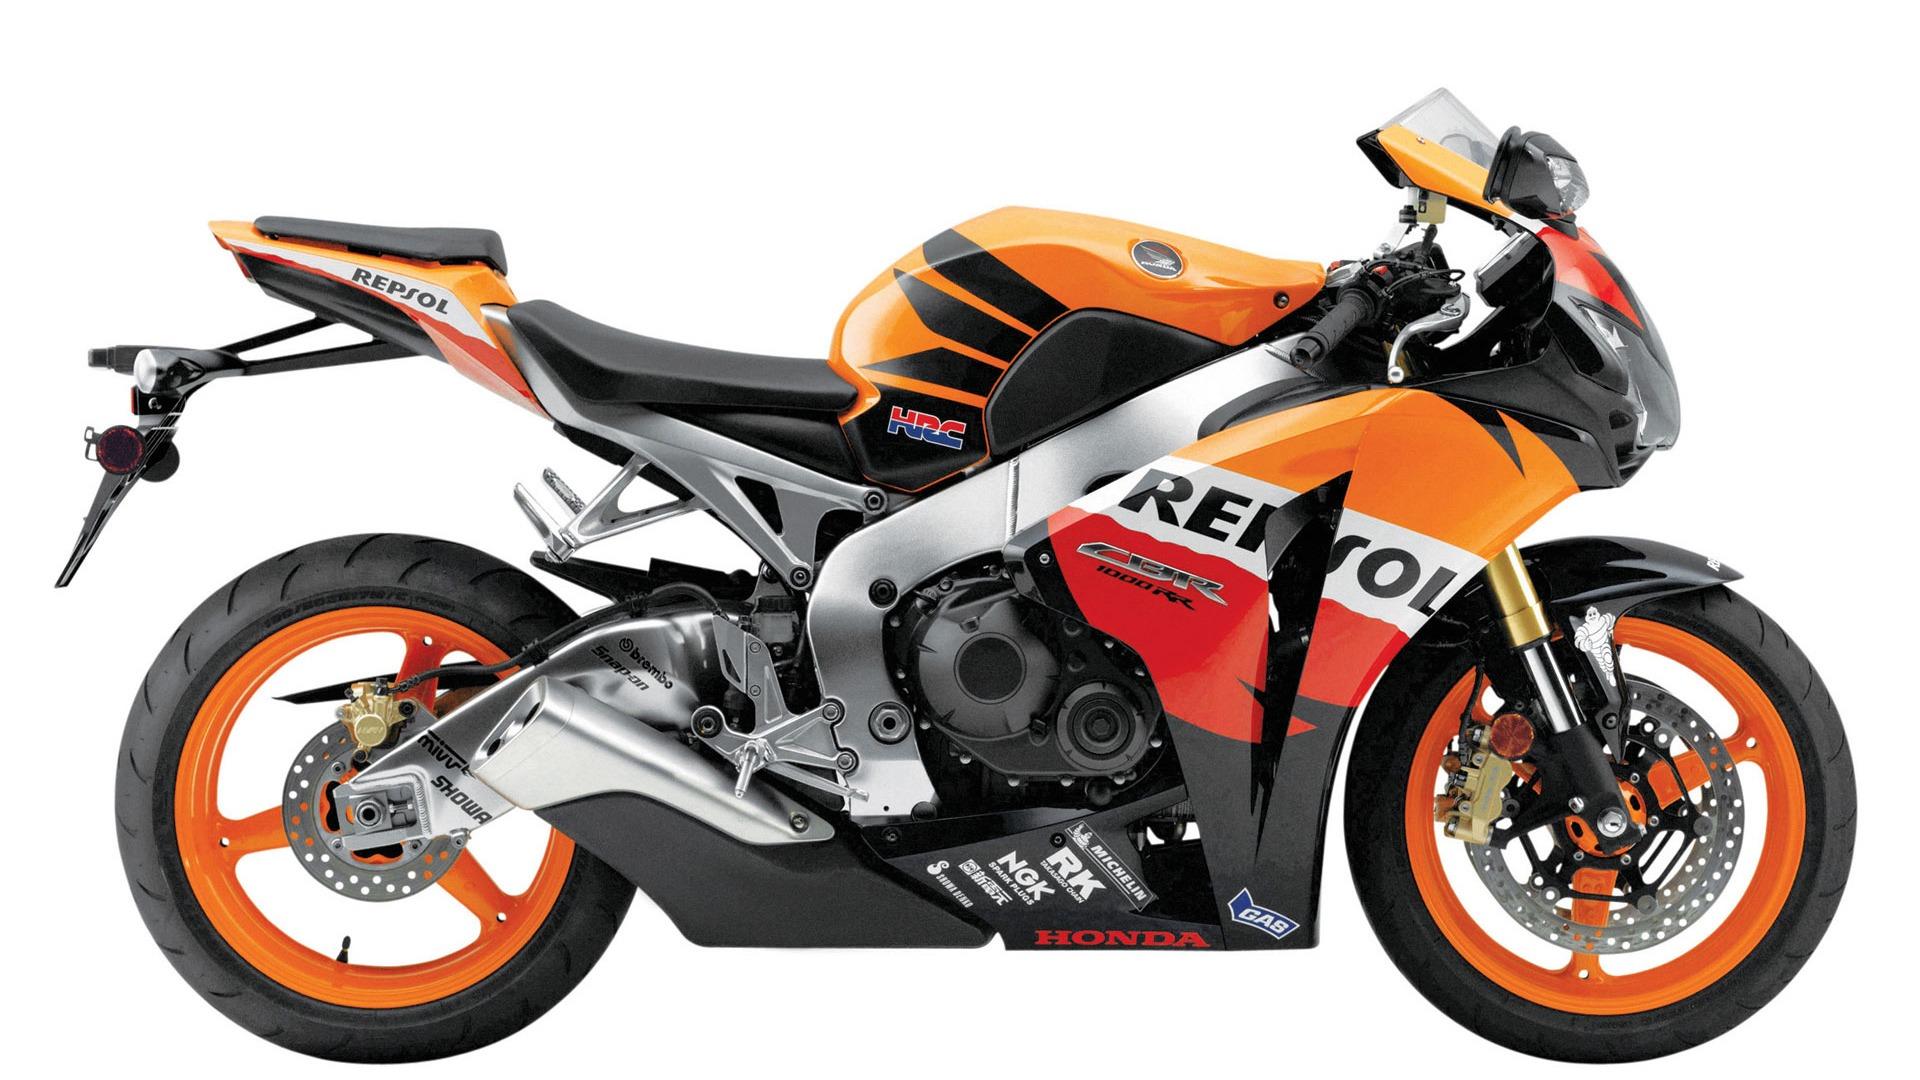 Honda Cbr1000rr Wallpaper Motorcycles Wallpapers In Format Designs